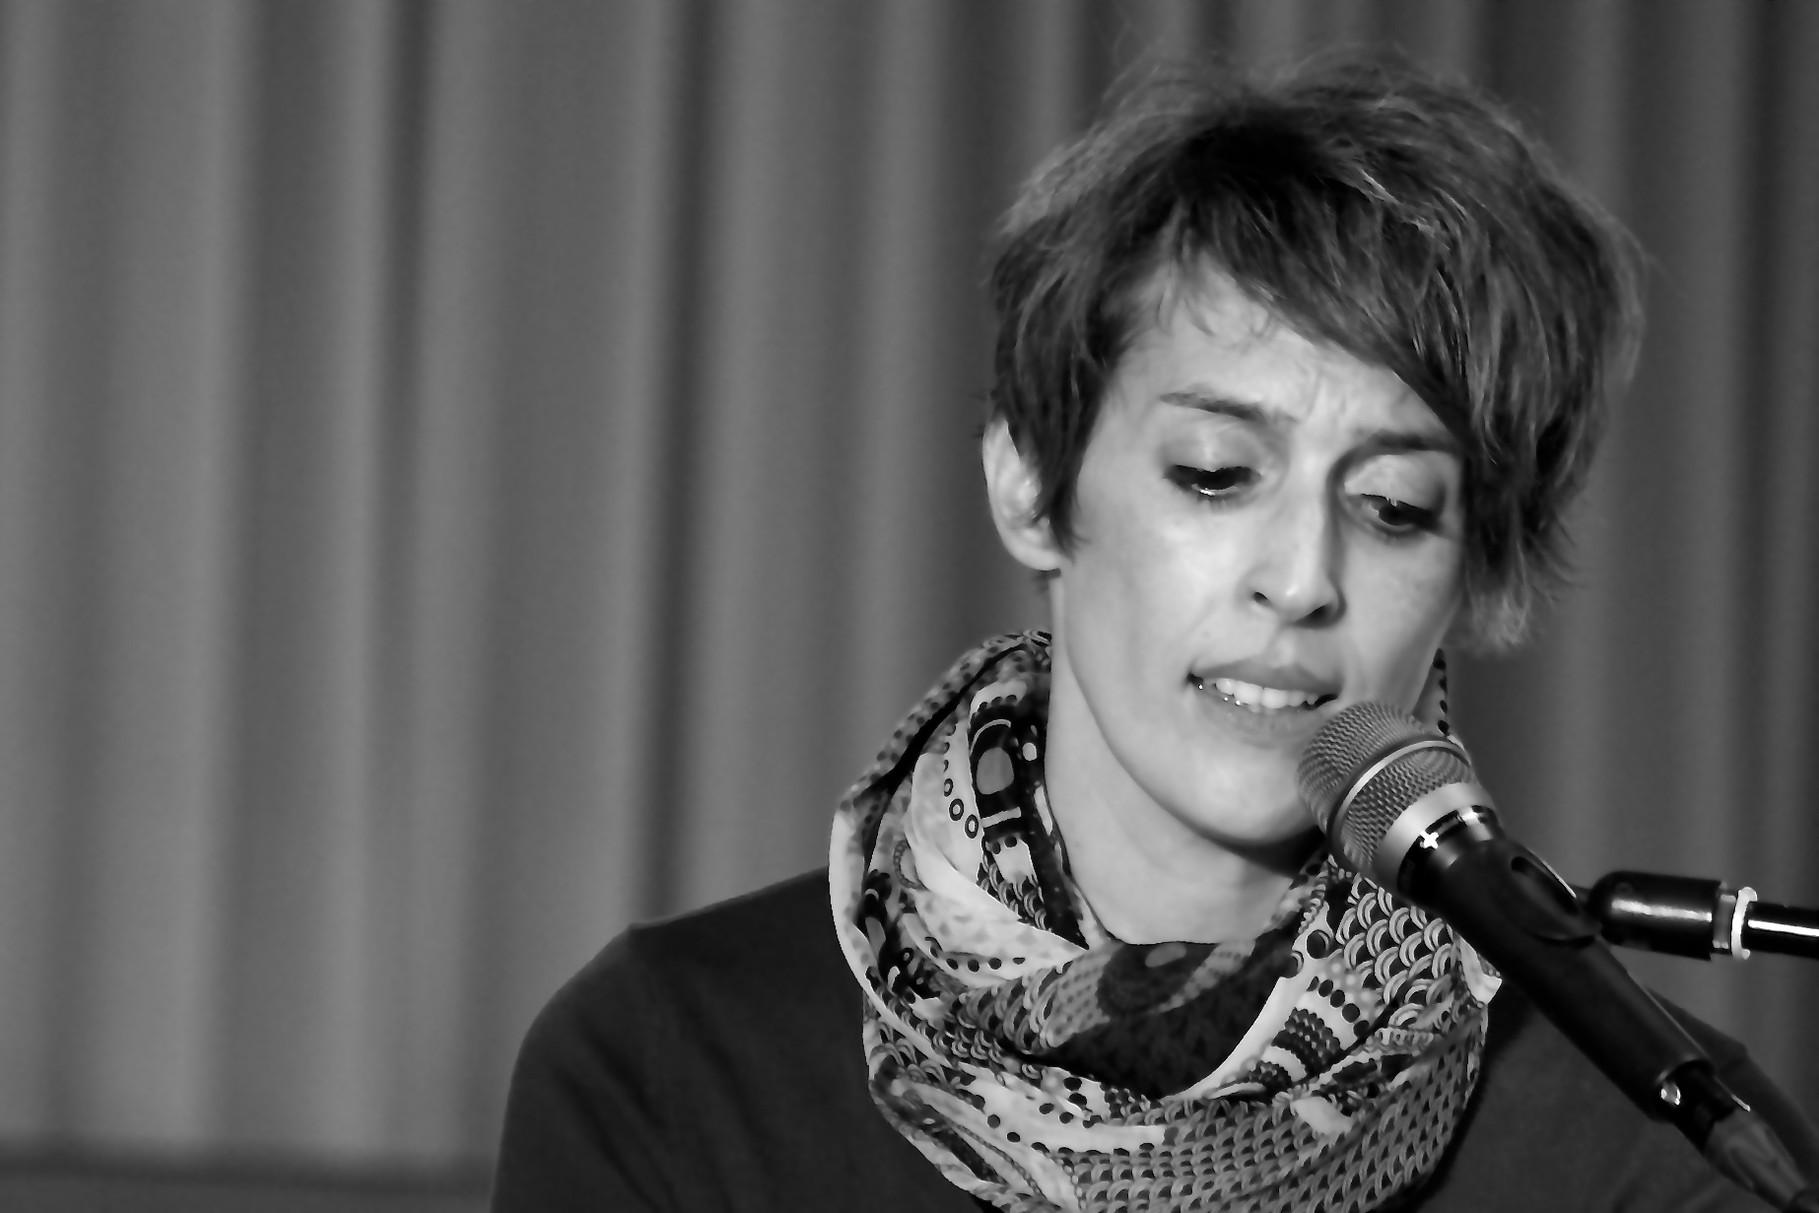 Tanja Kumpe (Gesang) Die Musiker der Band von ulf hartmann. Livemusik (Singer-Songwriter) aus Braunschweig. Foto: Hans Scheschonk